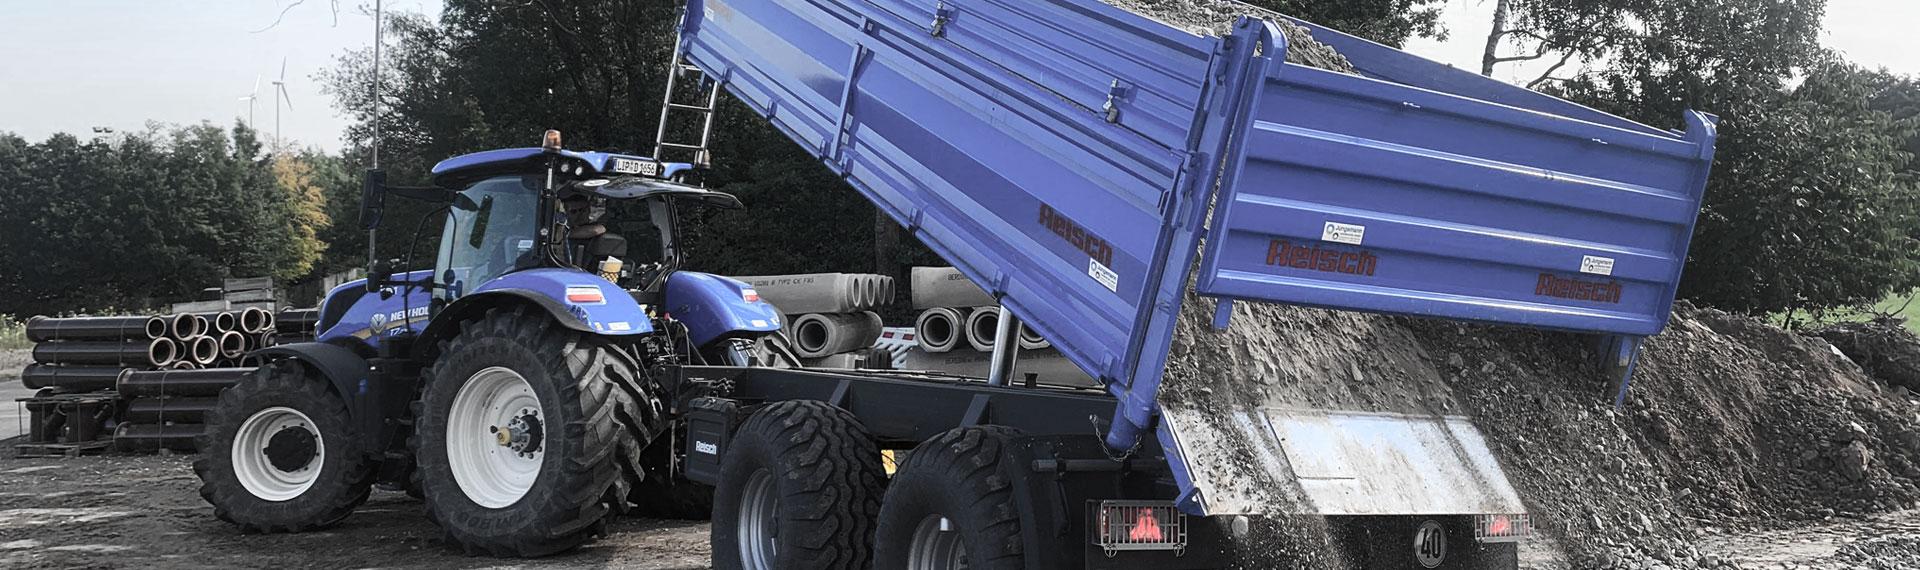 Um caminhão basculante azul com carroceria feita com o aço em chapas finas Hardox®, despejando uma carga de rochas.